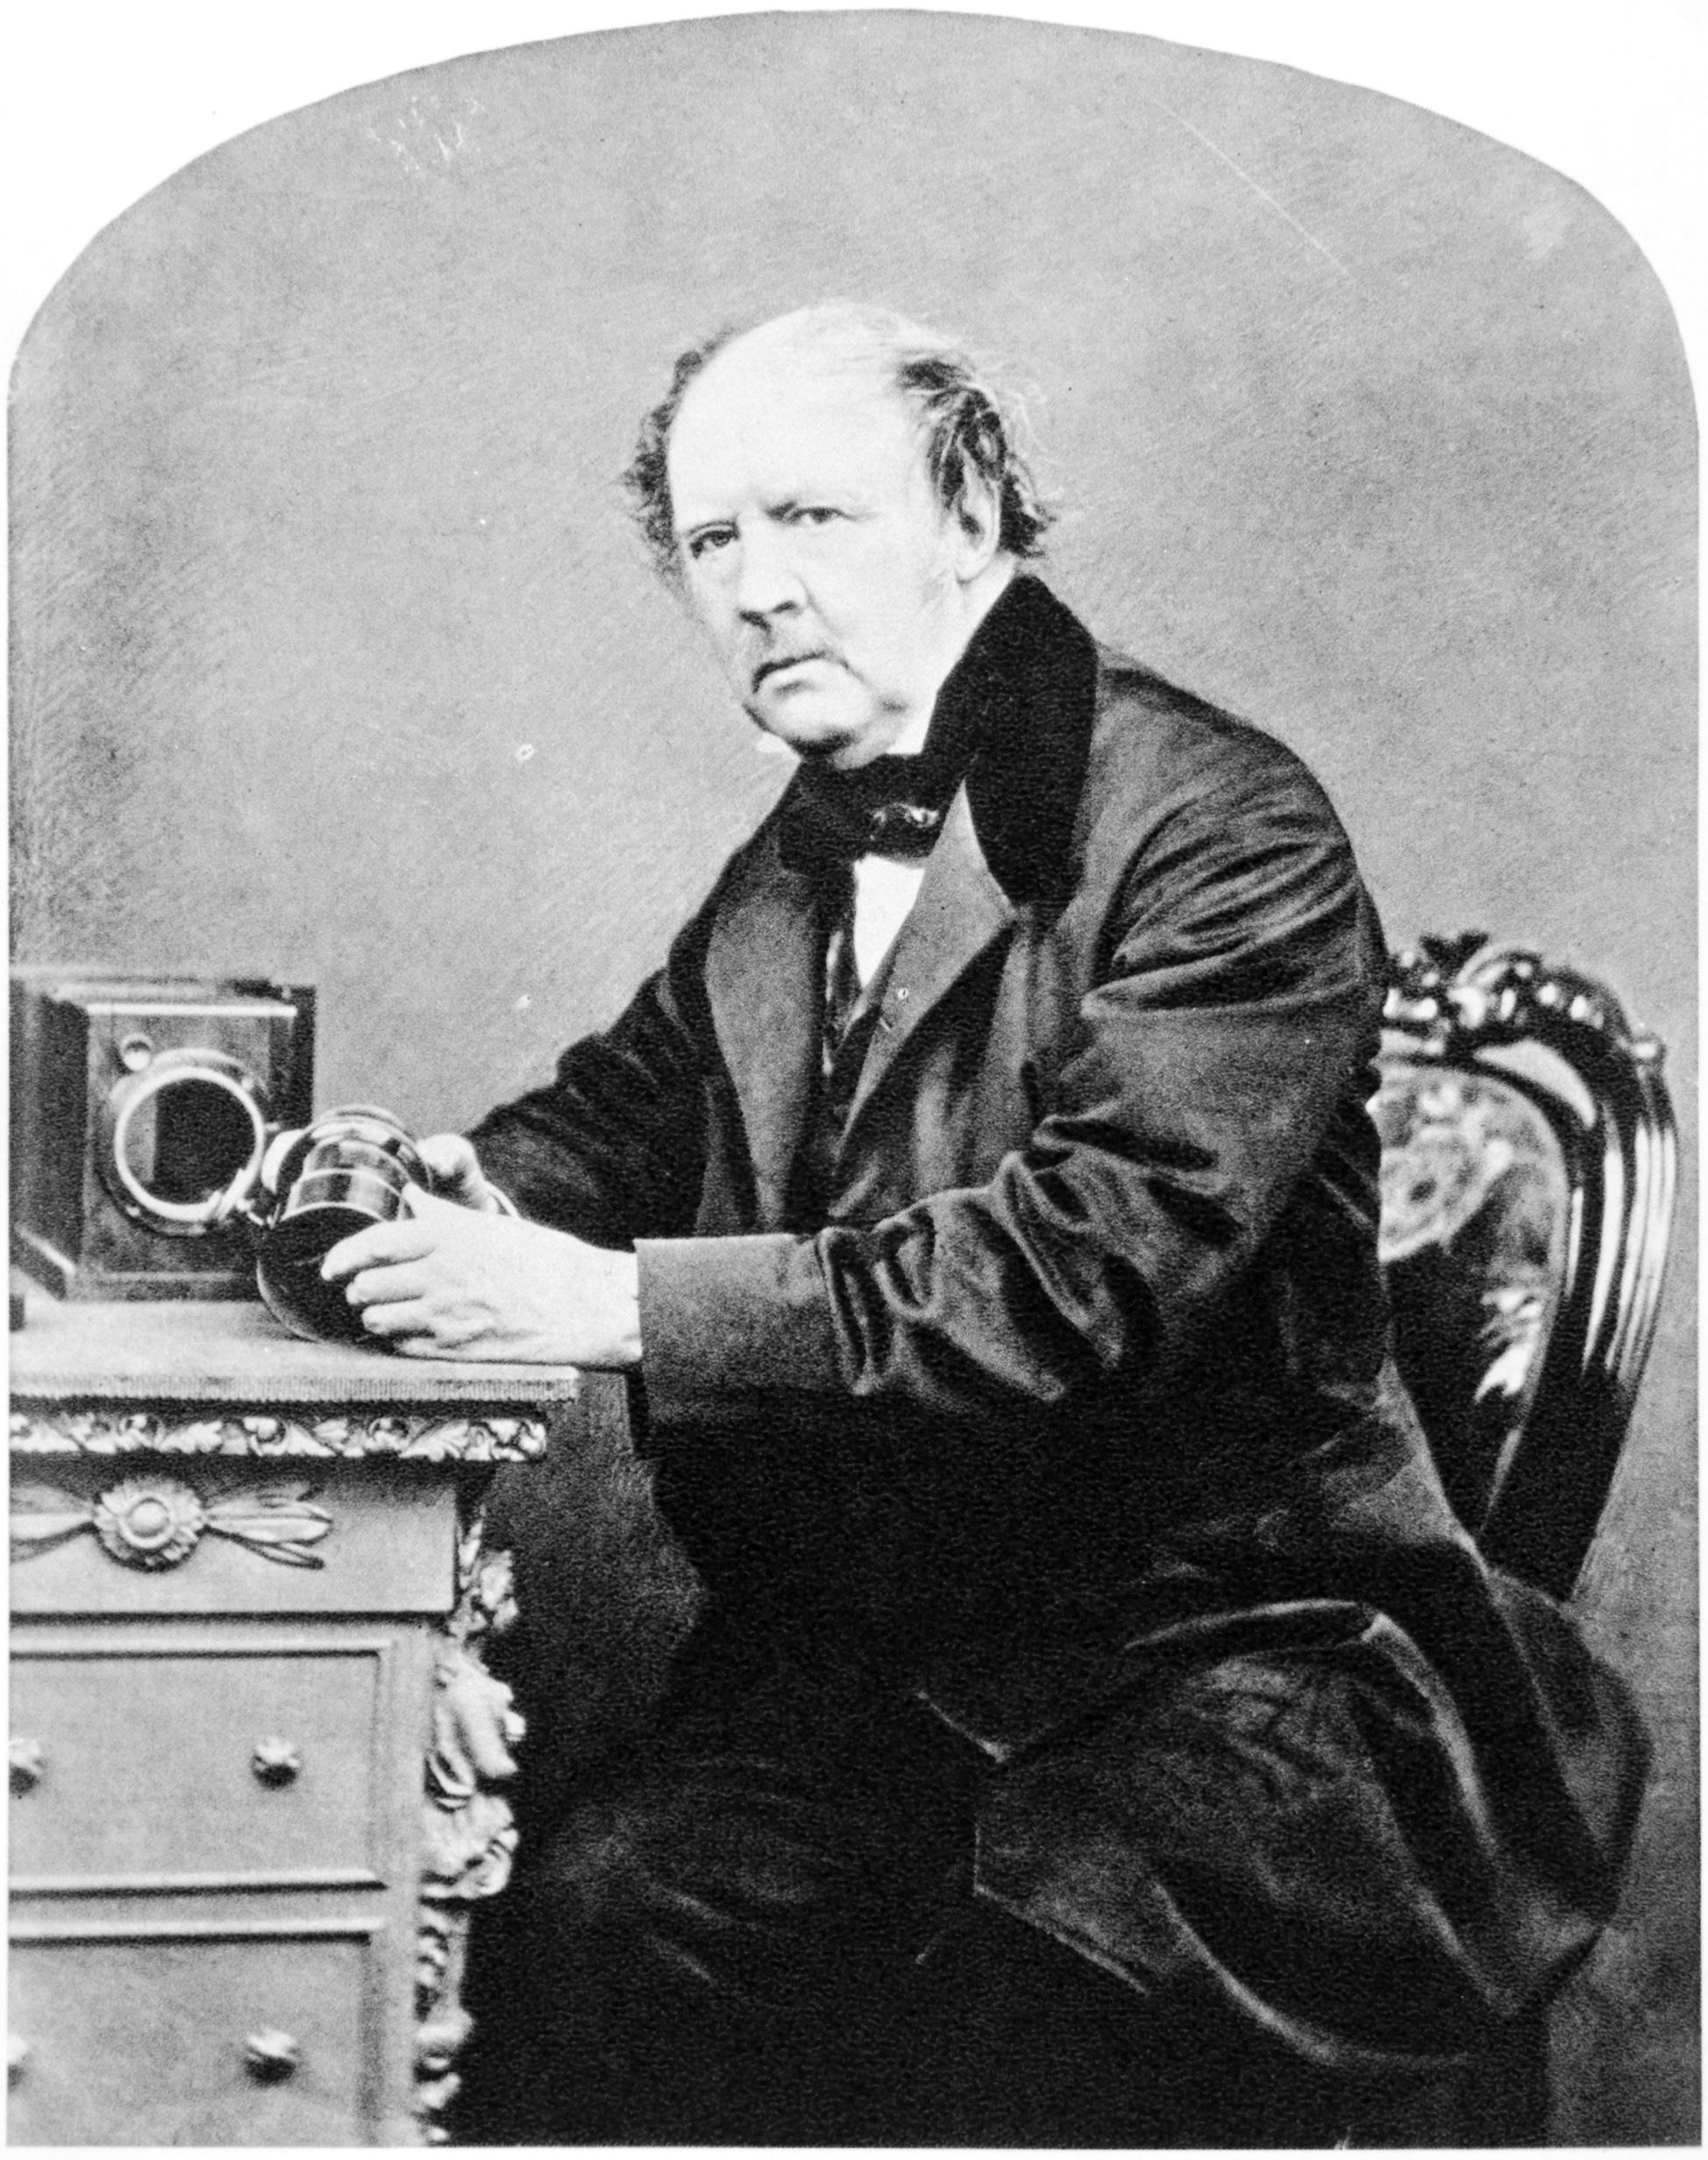 Уильям Генри Фокс Тальбот (англ. William Henry Fox Talbot; 31 января (11 февраля 1800) — 5 (17 сентября 1877) — английский физик и химик, один из изобретателей фотографии